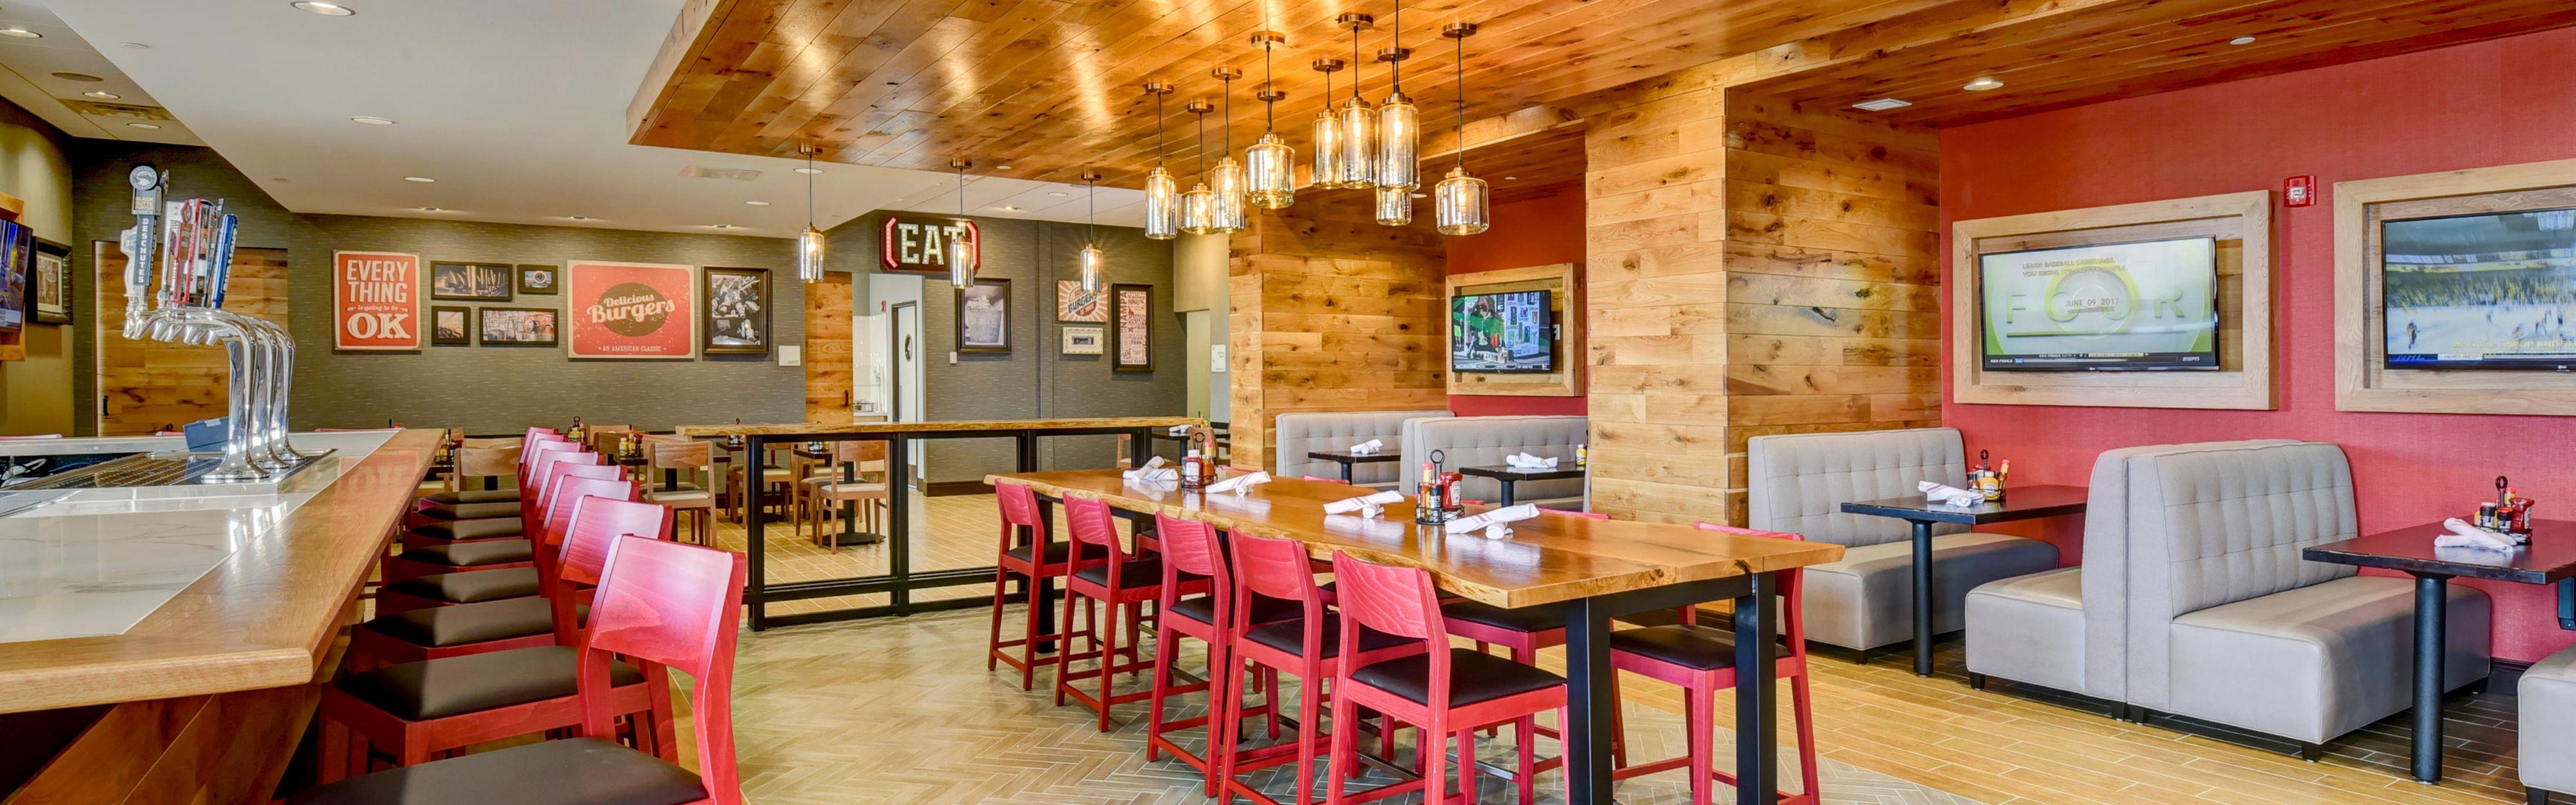 Holiday Inn Nampa image 3